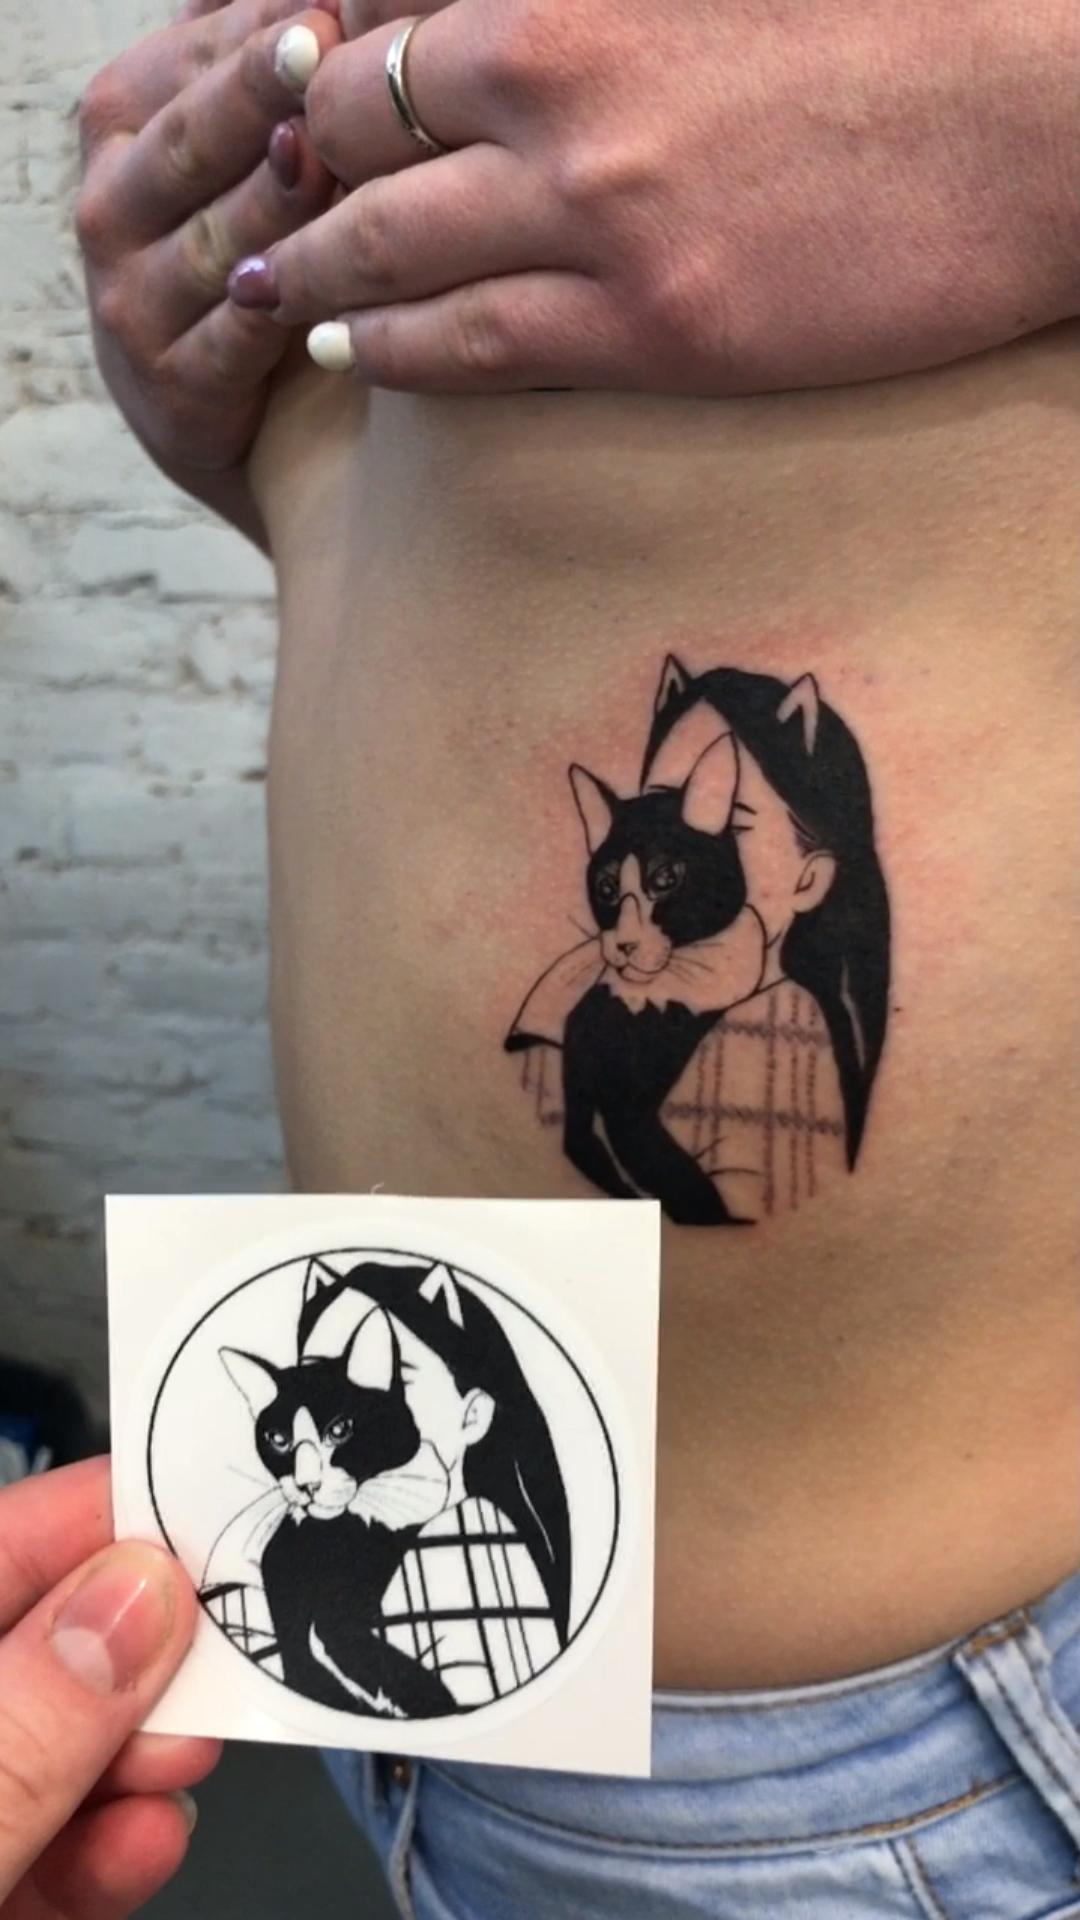 Тату на боку. Тату на боку для девушек. 100+ татуировок и эскизов на нашем сайте, заходи!